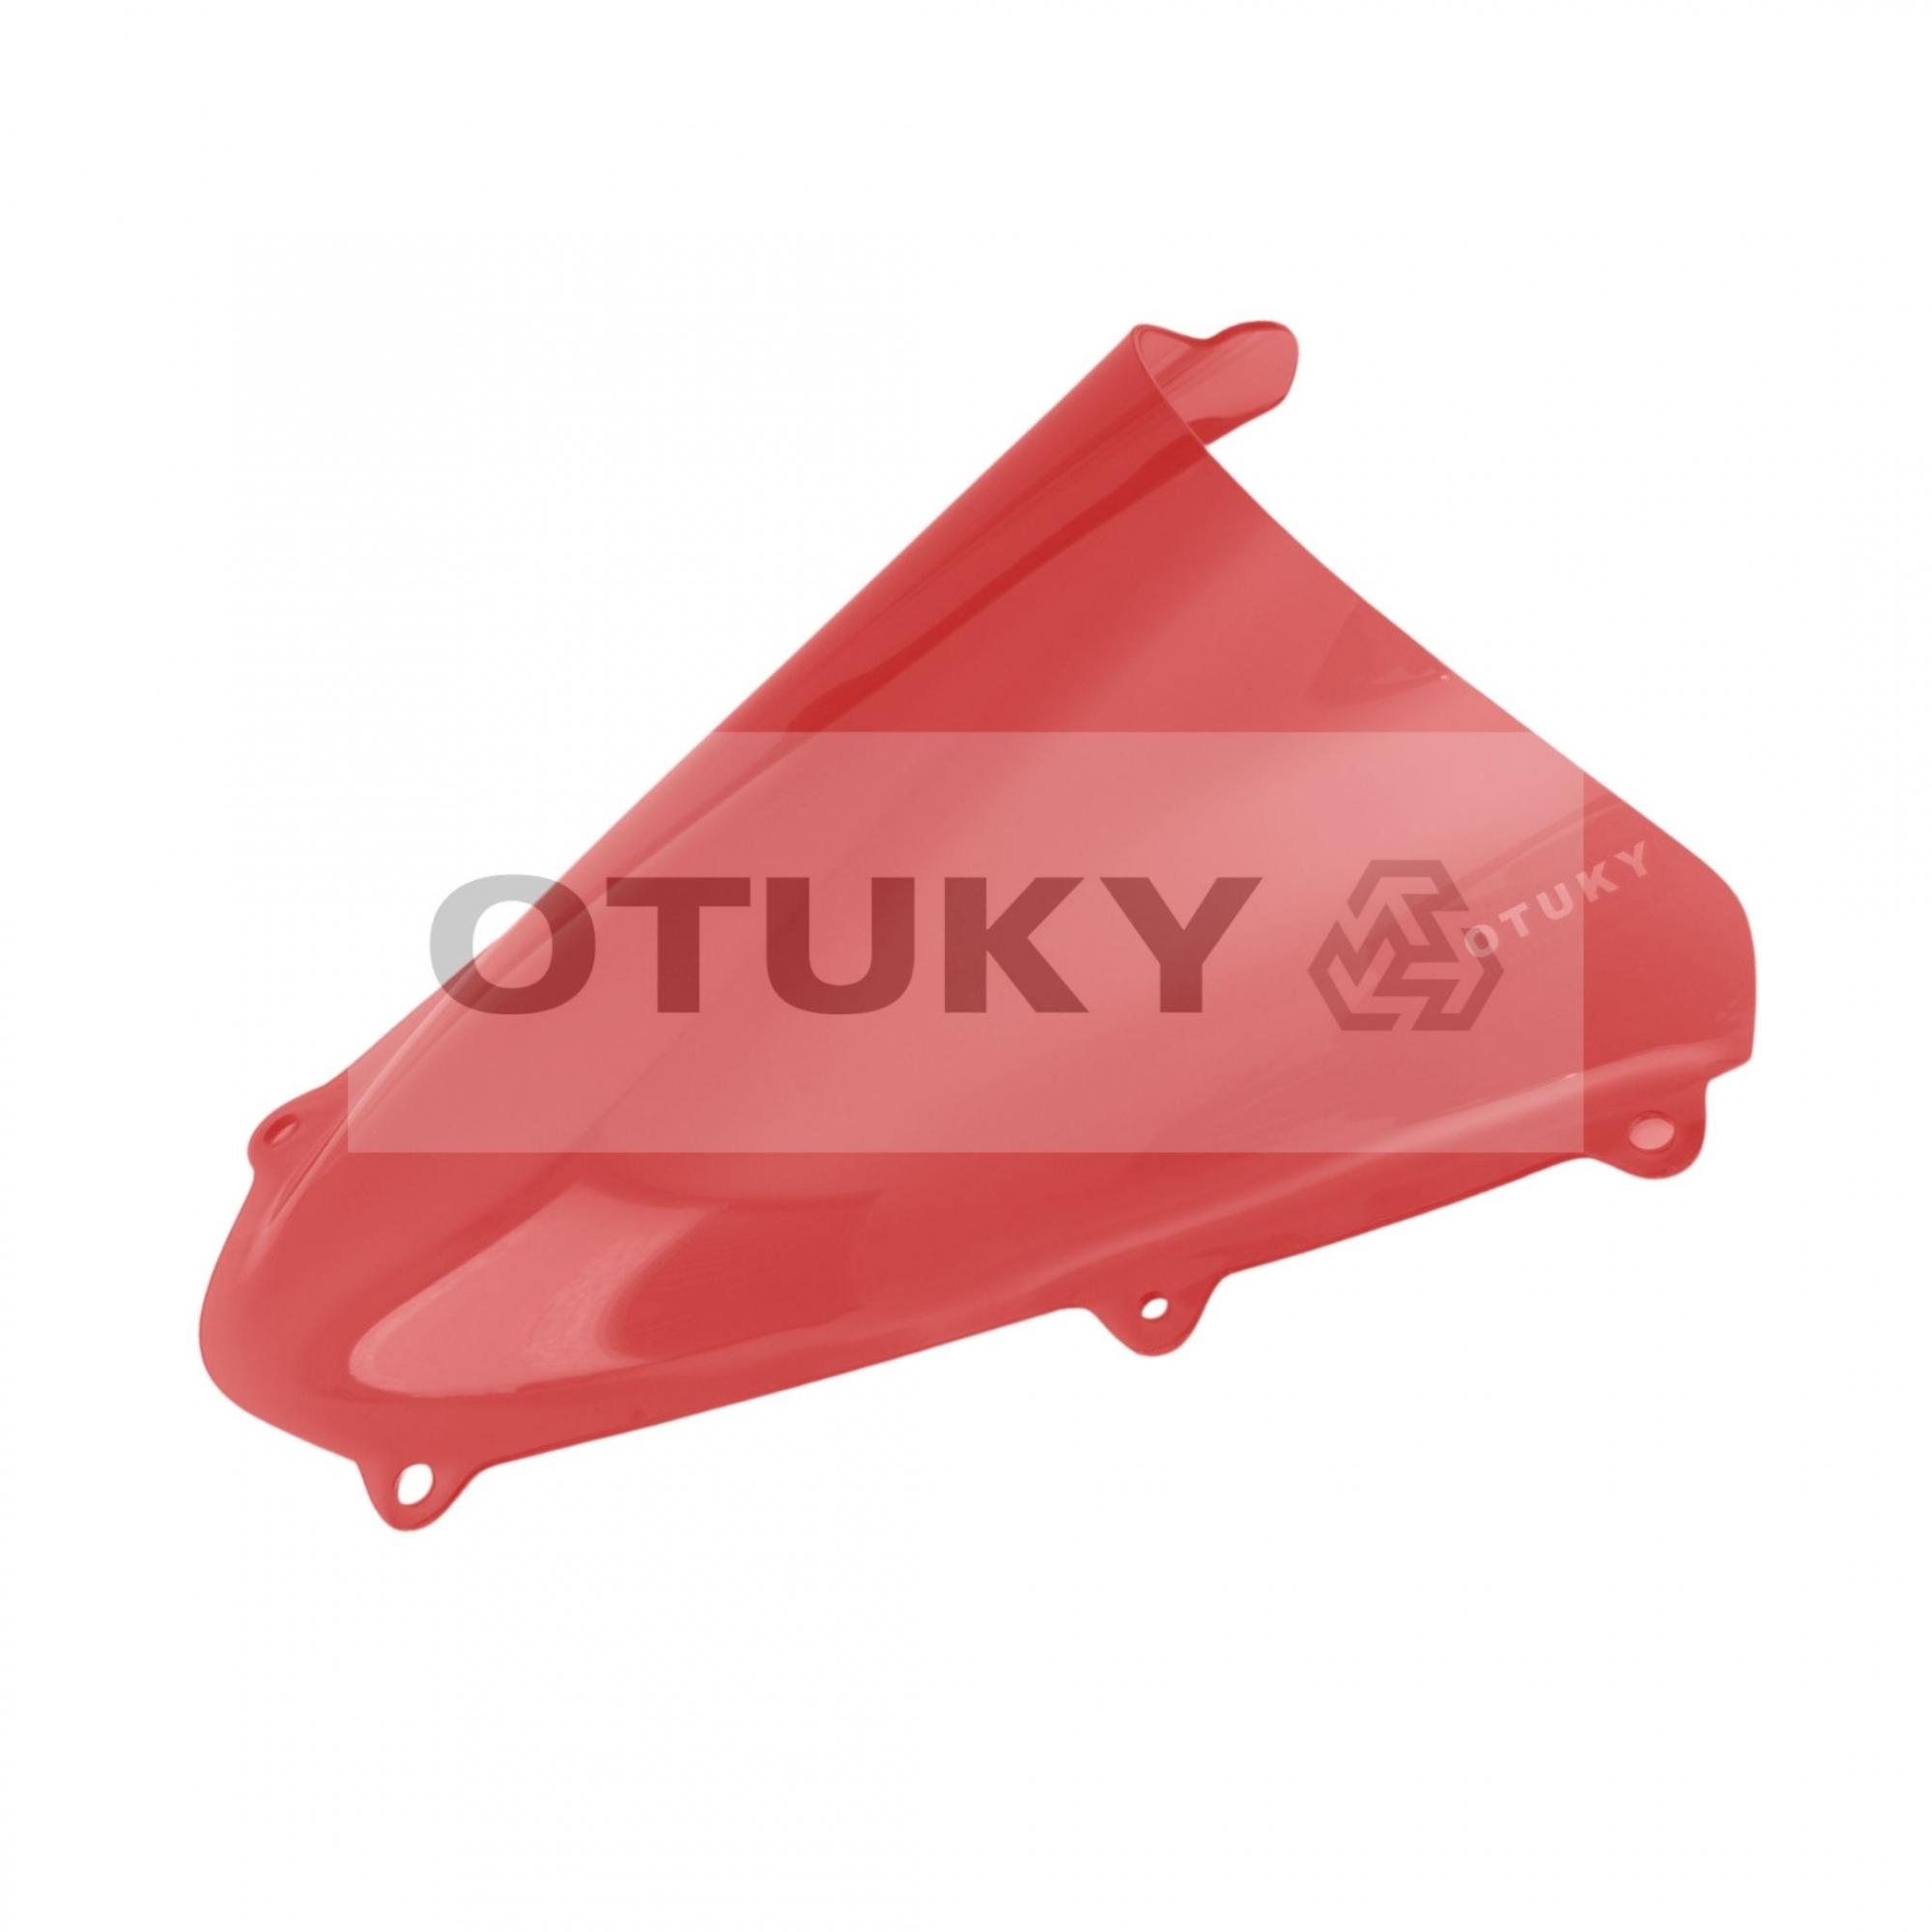 Bolha para Moto Srad 1000 Gsx-R 2011 2012 2013 2014 2015 Abaulada Otuky